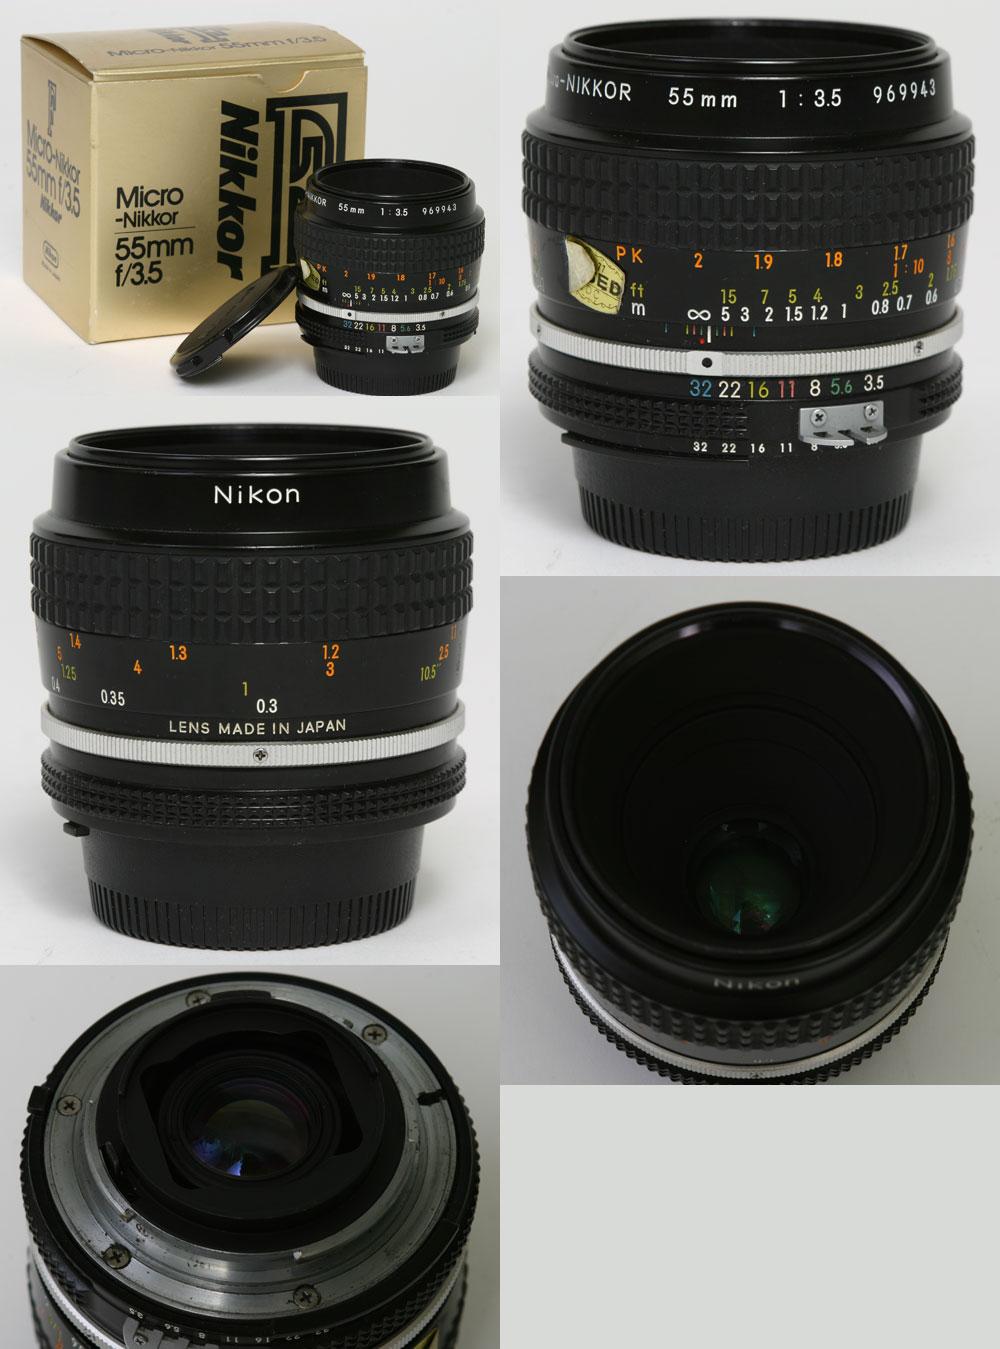 Nikon D7000 Price Australia